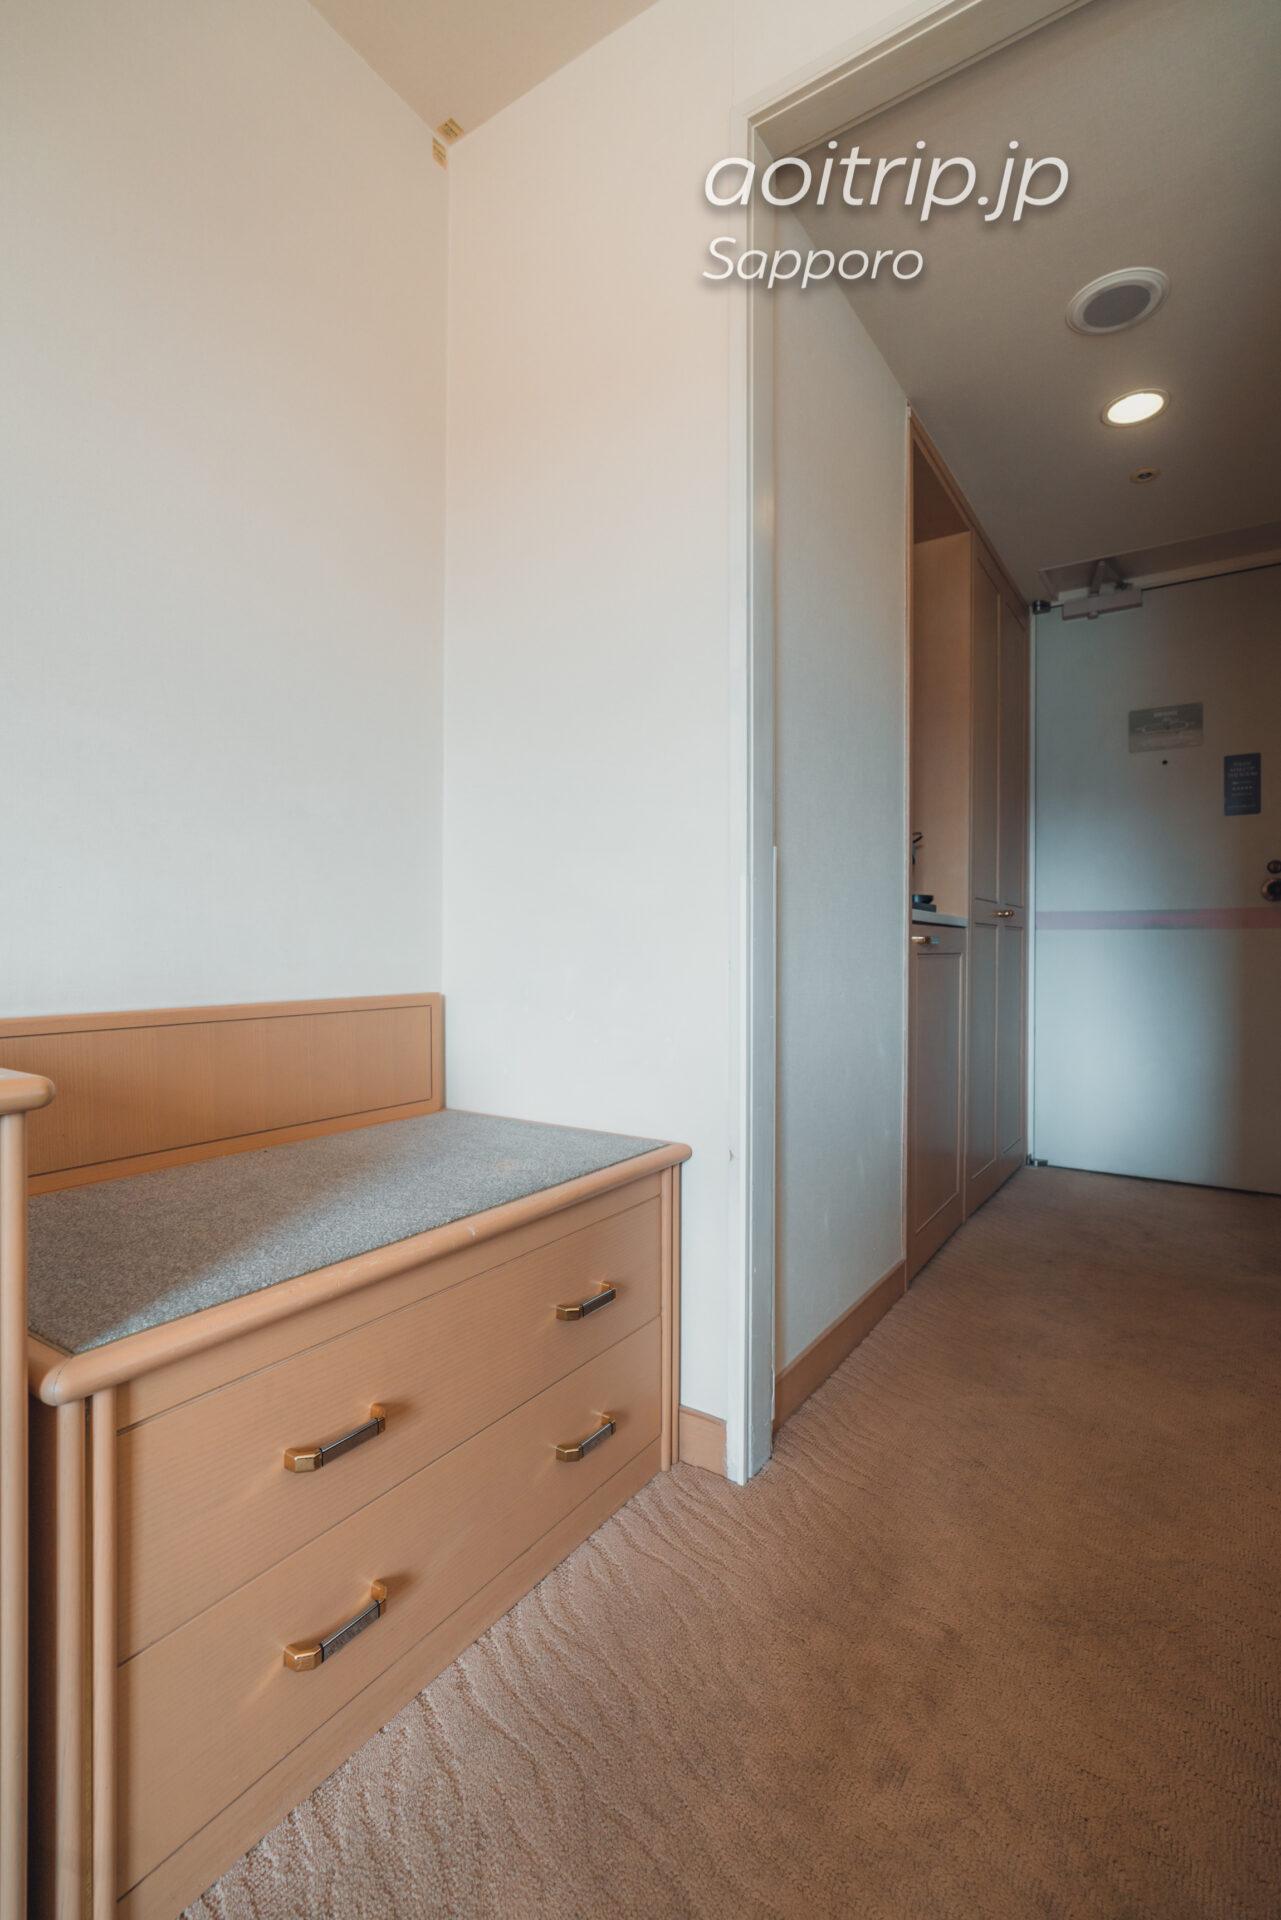 札幌パークホテルの客室 ラゲッジスペース